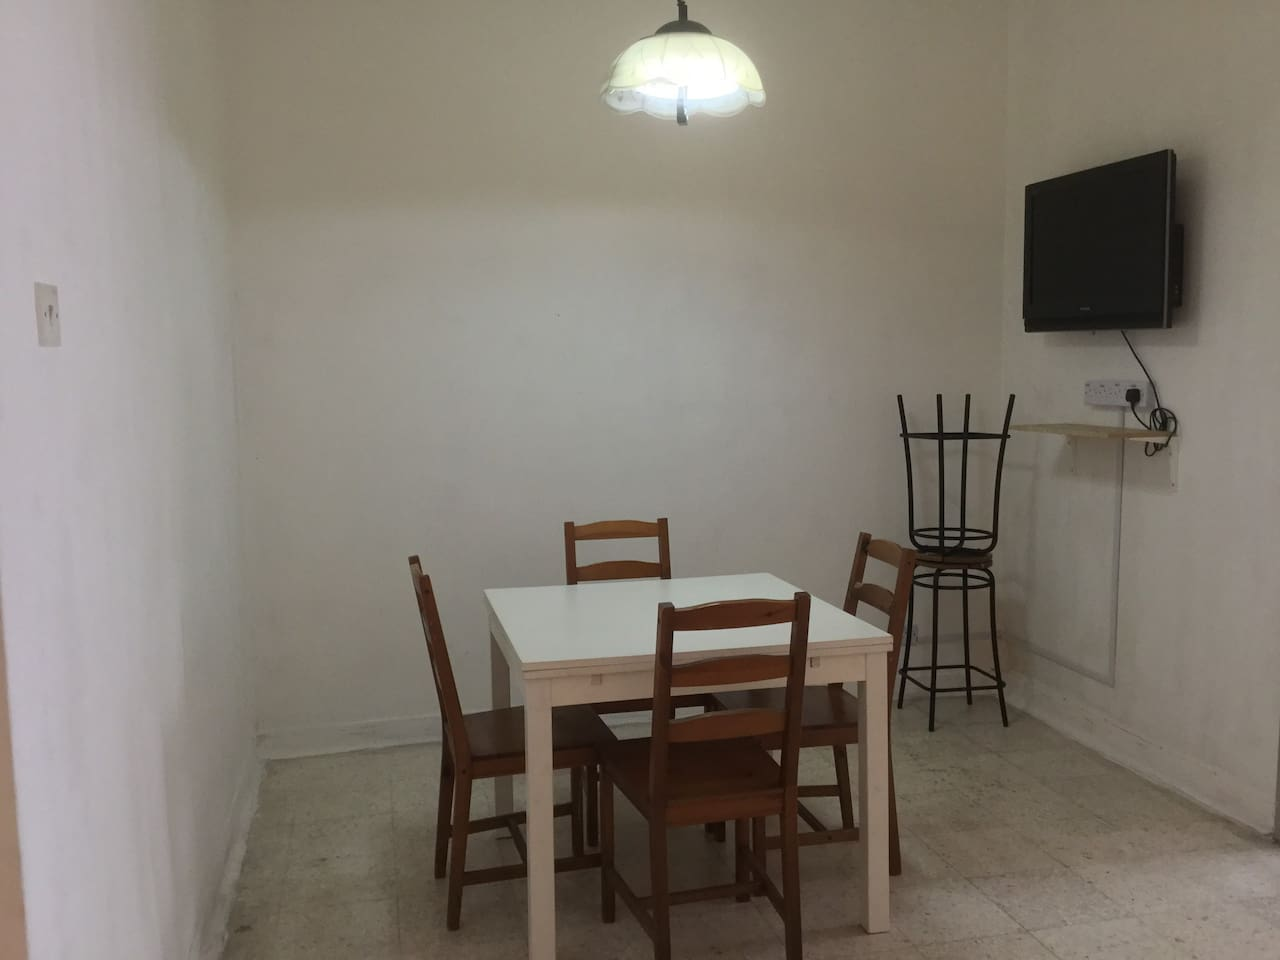 Dining & TV area